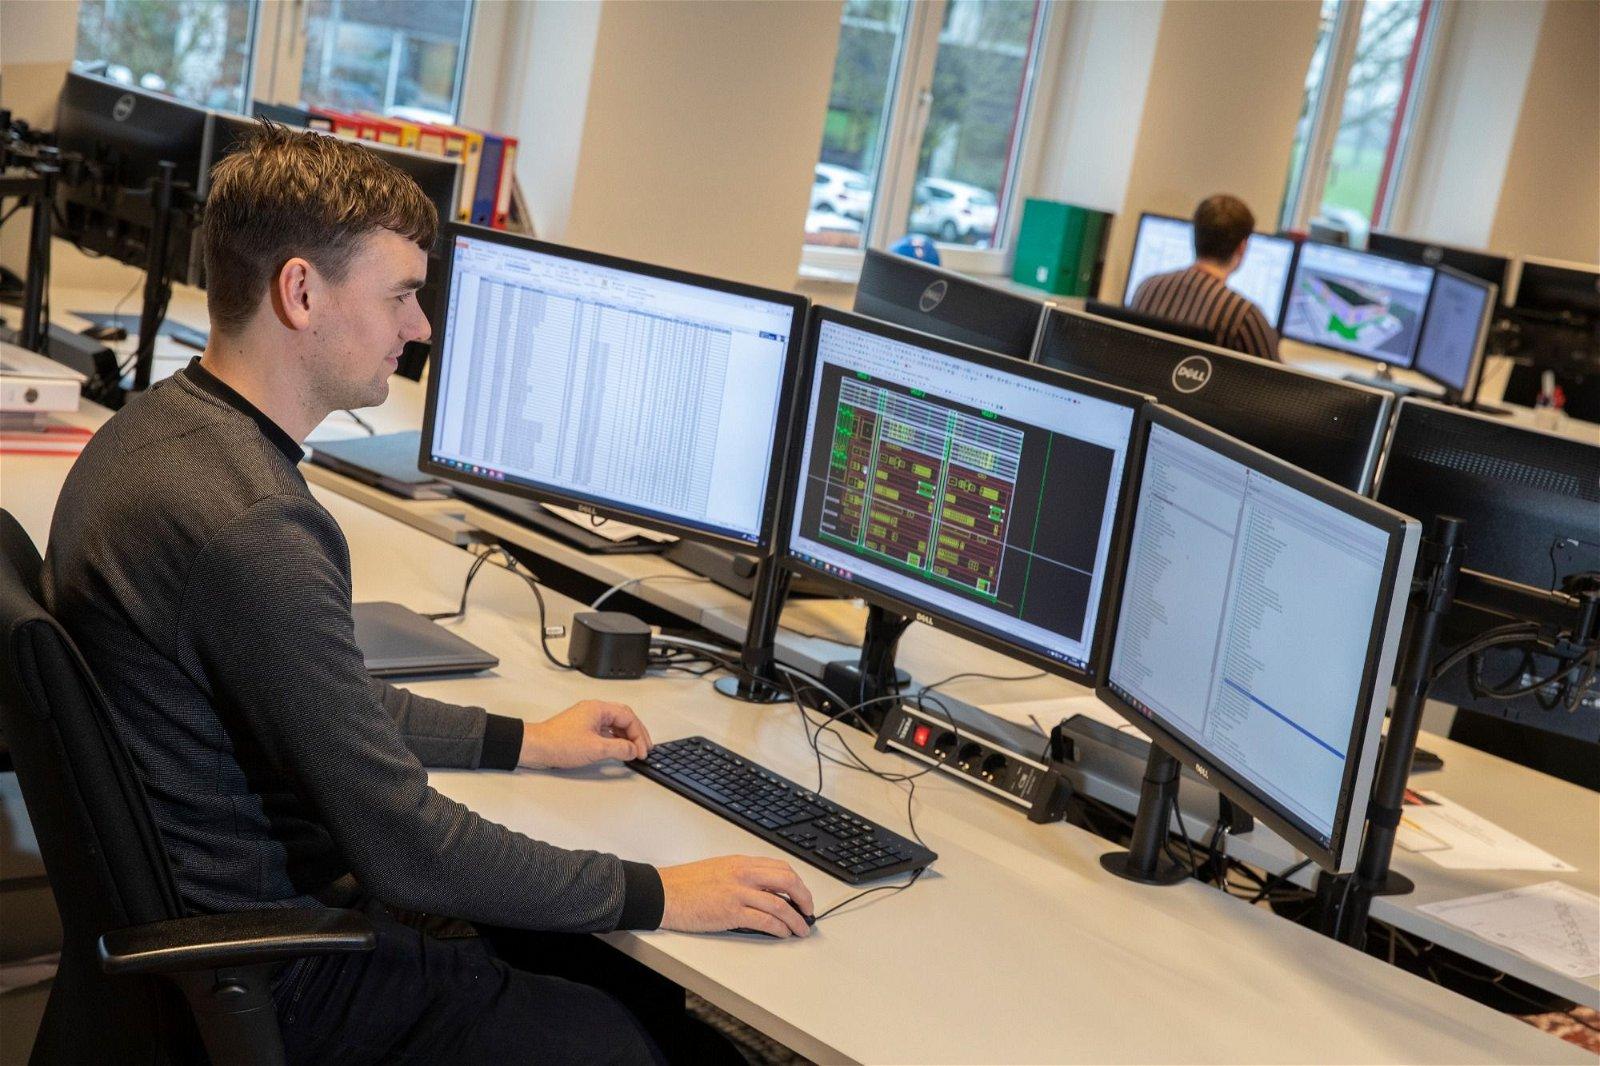 Schakel Hoppenbrouwers Techniek na de hardware engineering ook in voor software engineering.